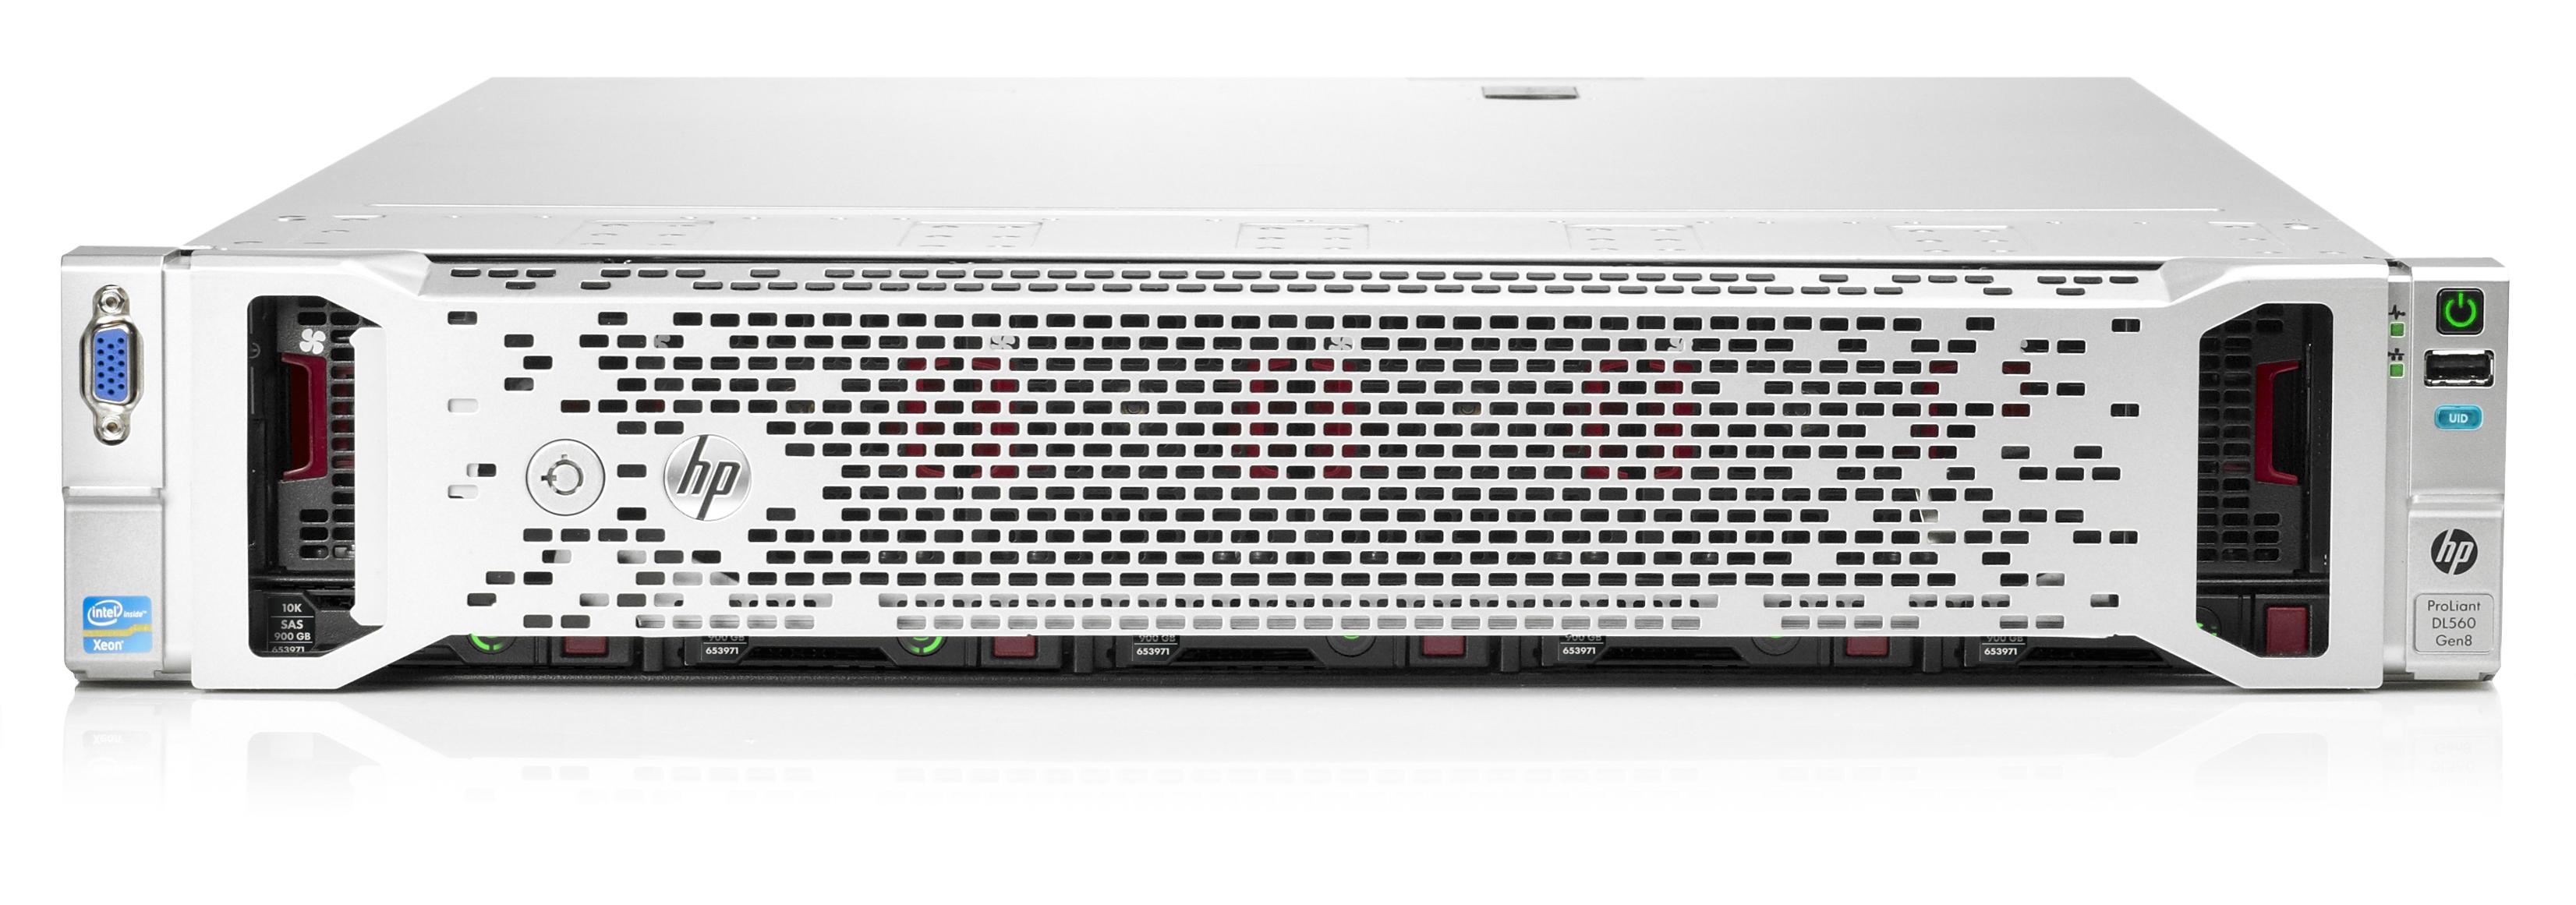 HP DL560 Gen8 E5-4603v2 16GB EU Svr